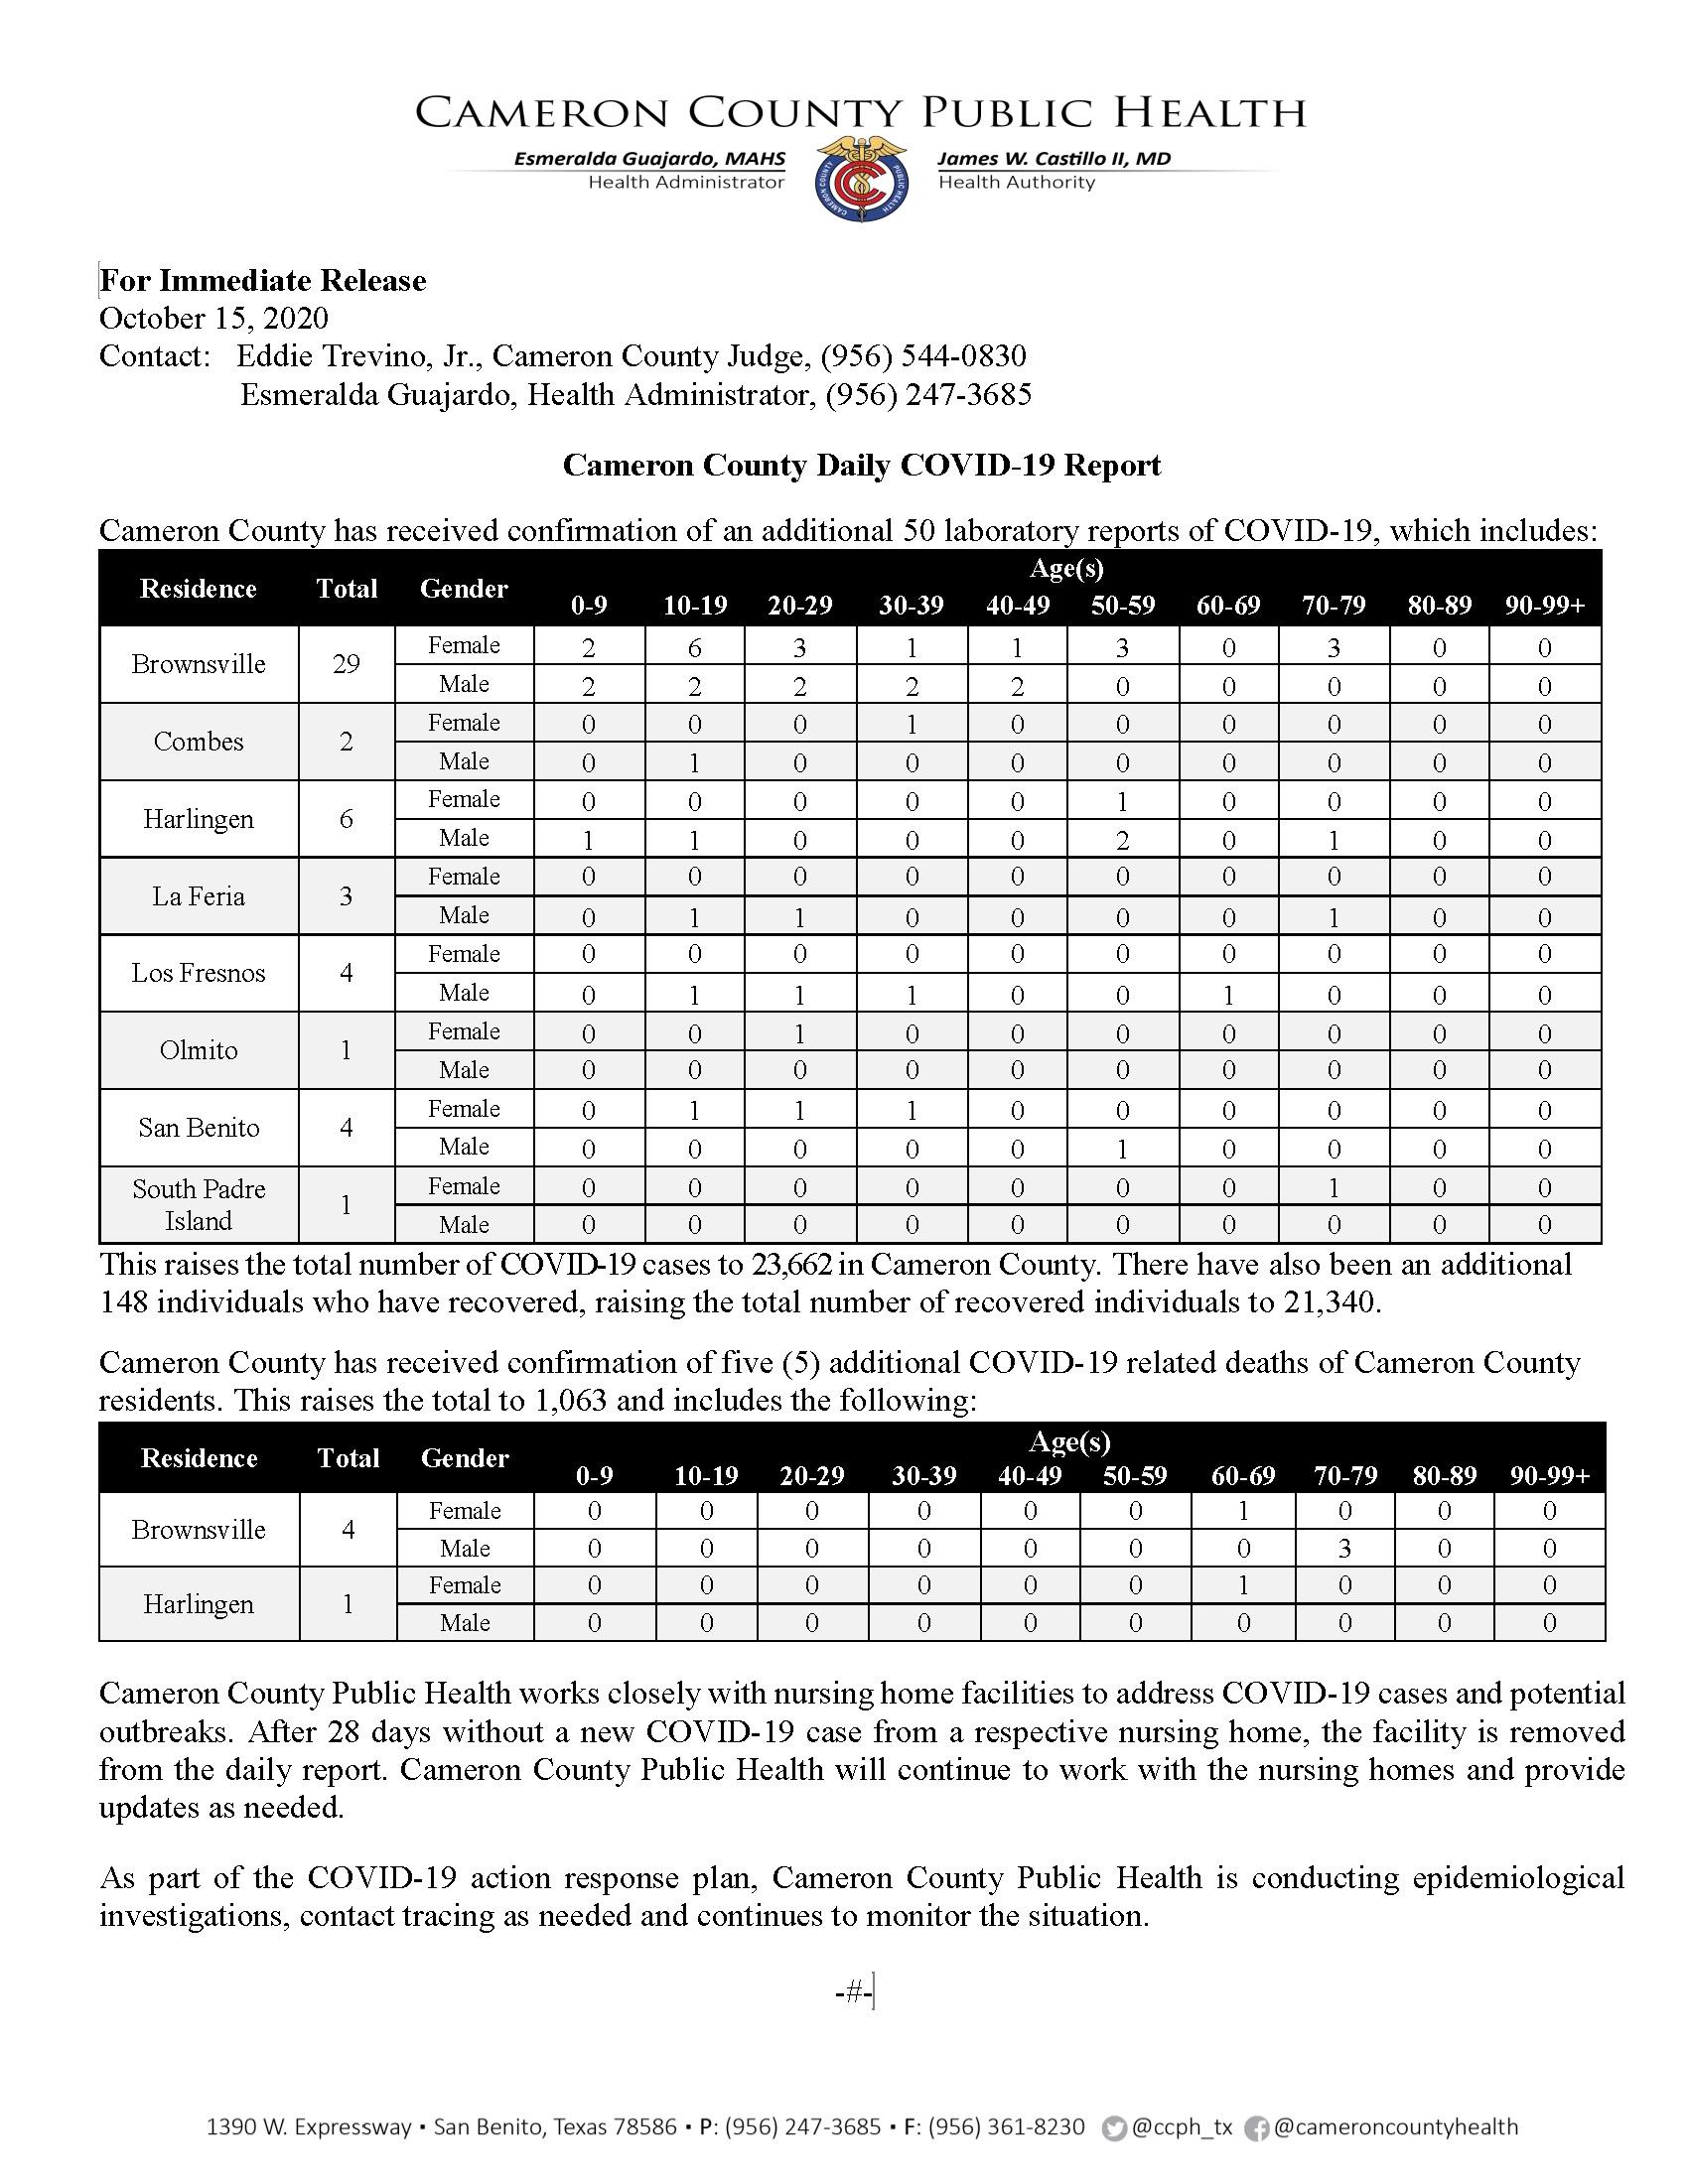 COVID 19 Press Release 172 10.15.2020 23662 Cases